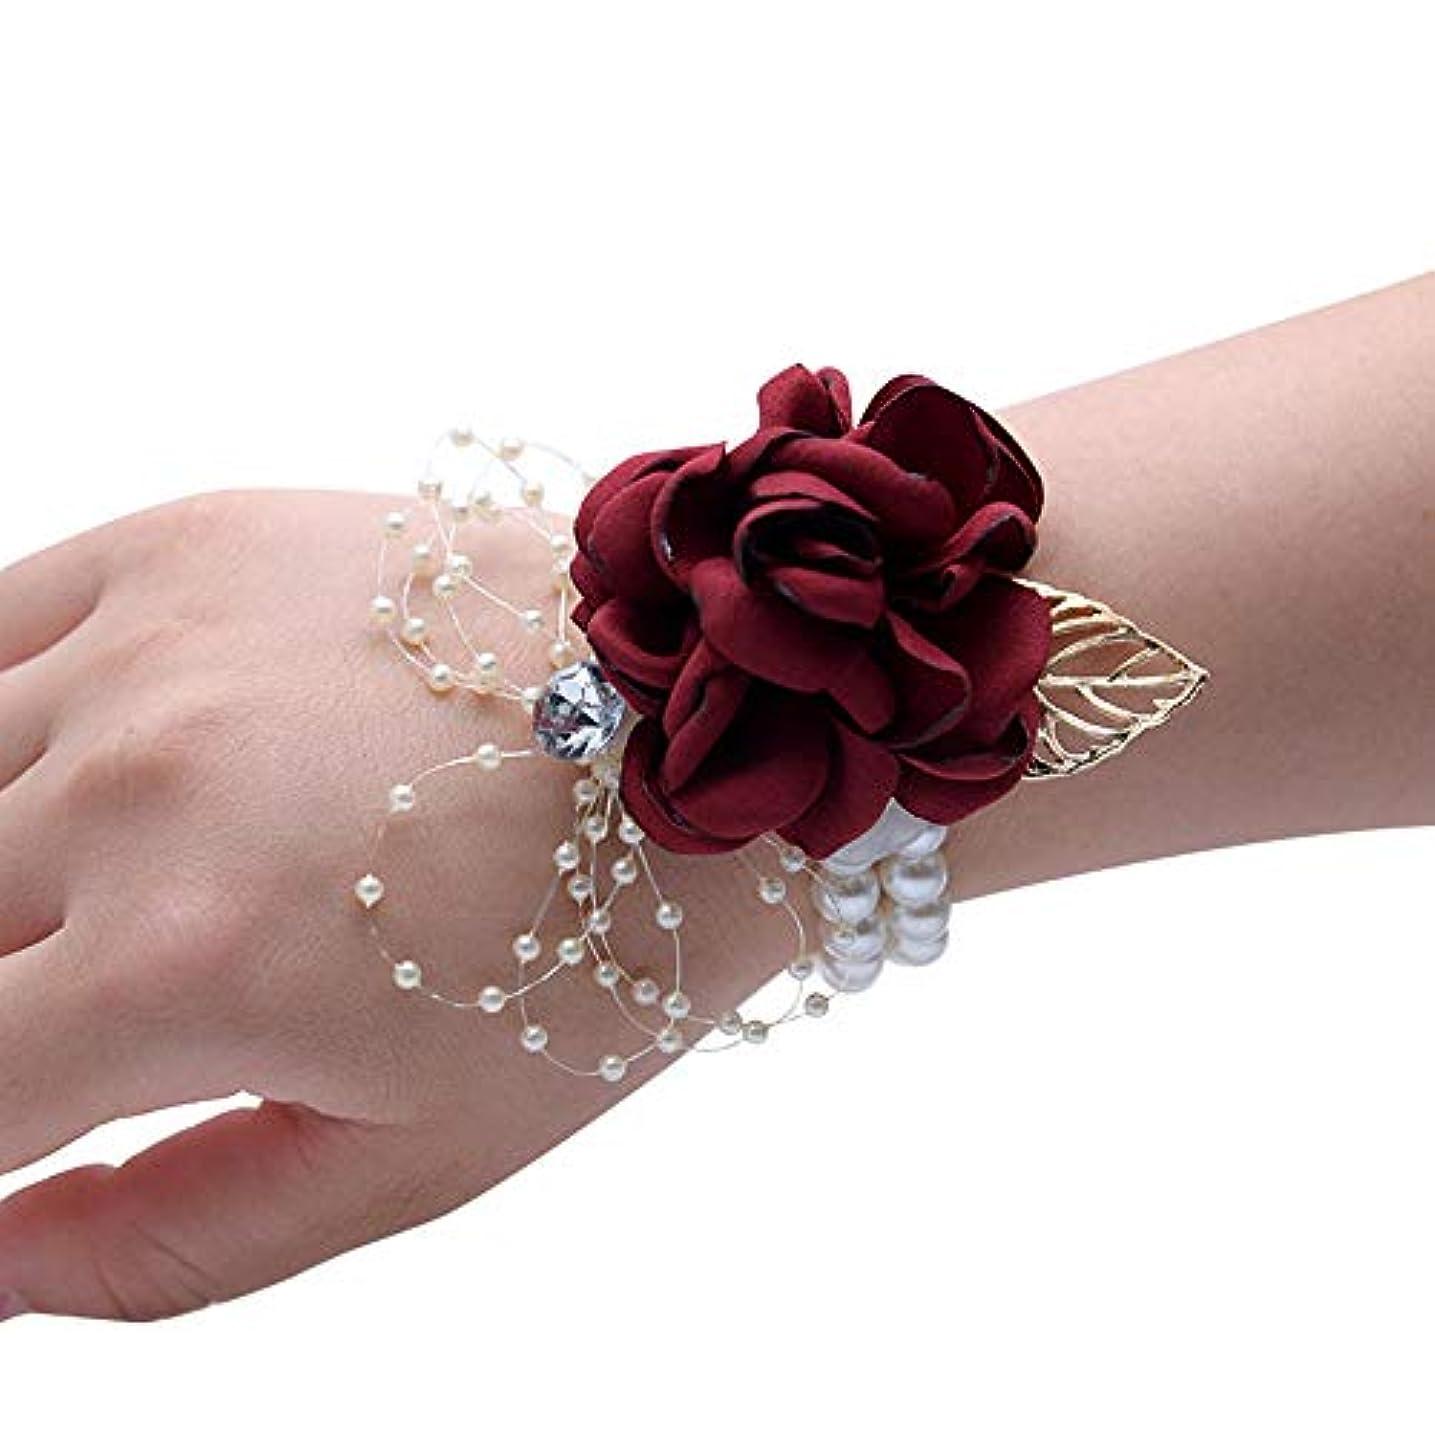 プランテーション花弁冷蔵するMerssavo 手首の花 - 女の子チャーム手首コサージュブレスレット花嫁介添人姉妹の手の花のどの真珠の結婚式、ワインレッド